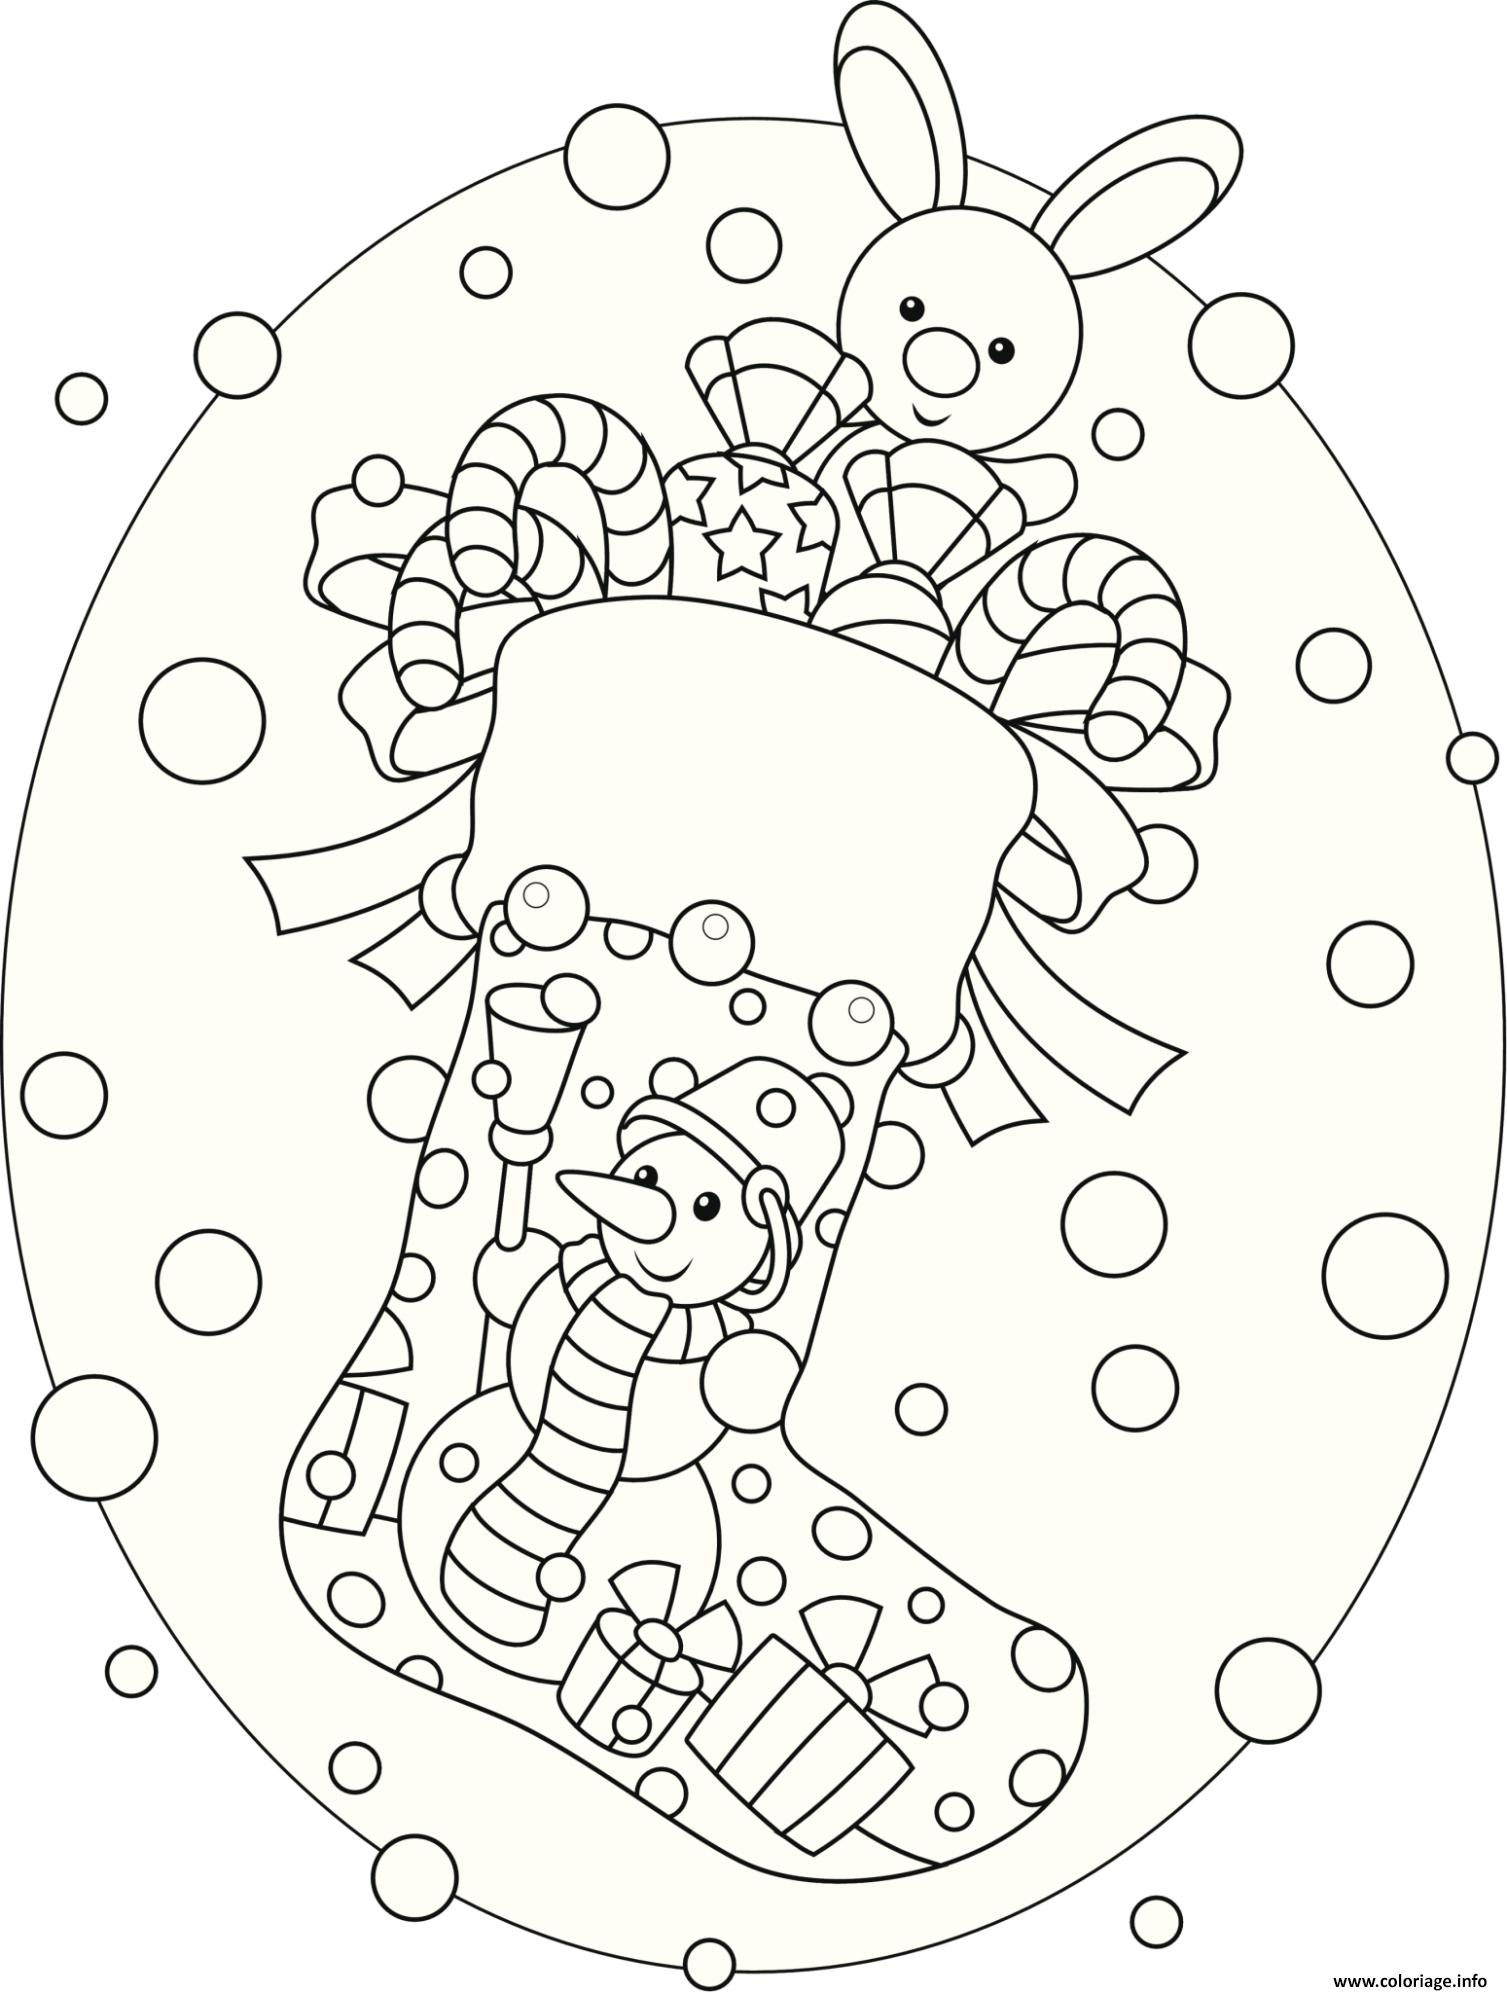 Coloriage bas de noel facile dessin - Des dessin facile ...